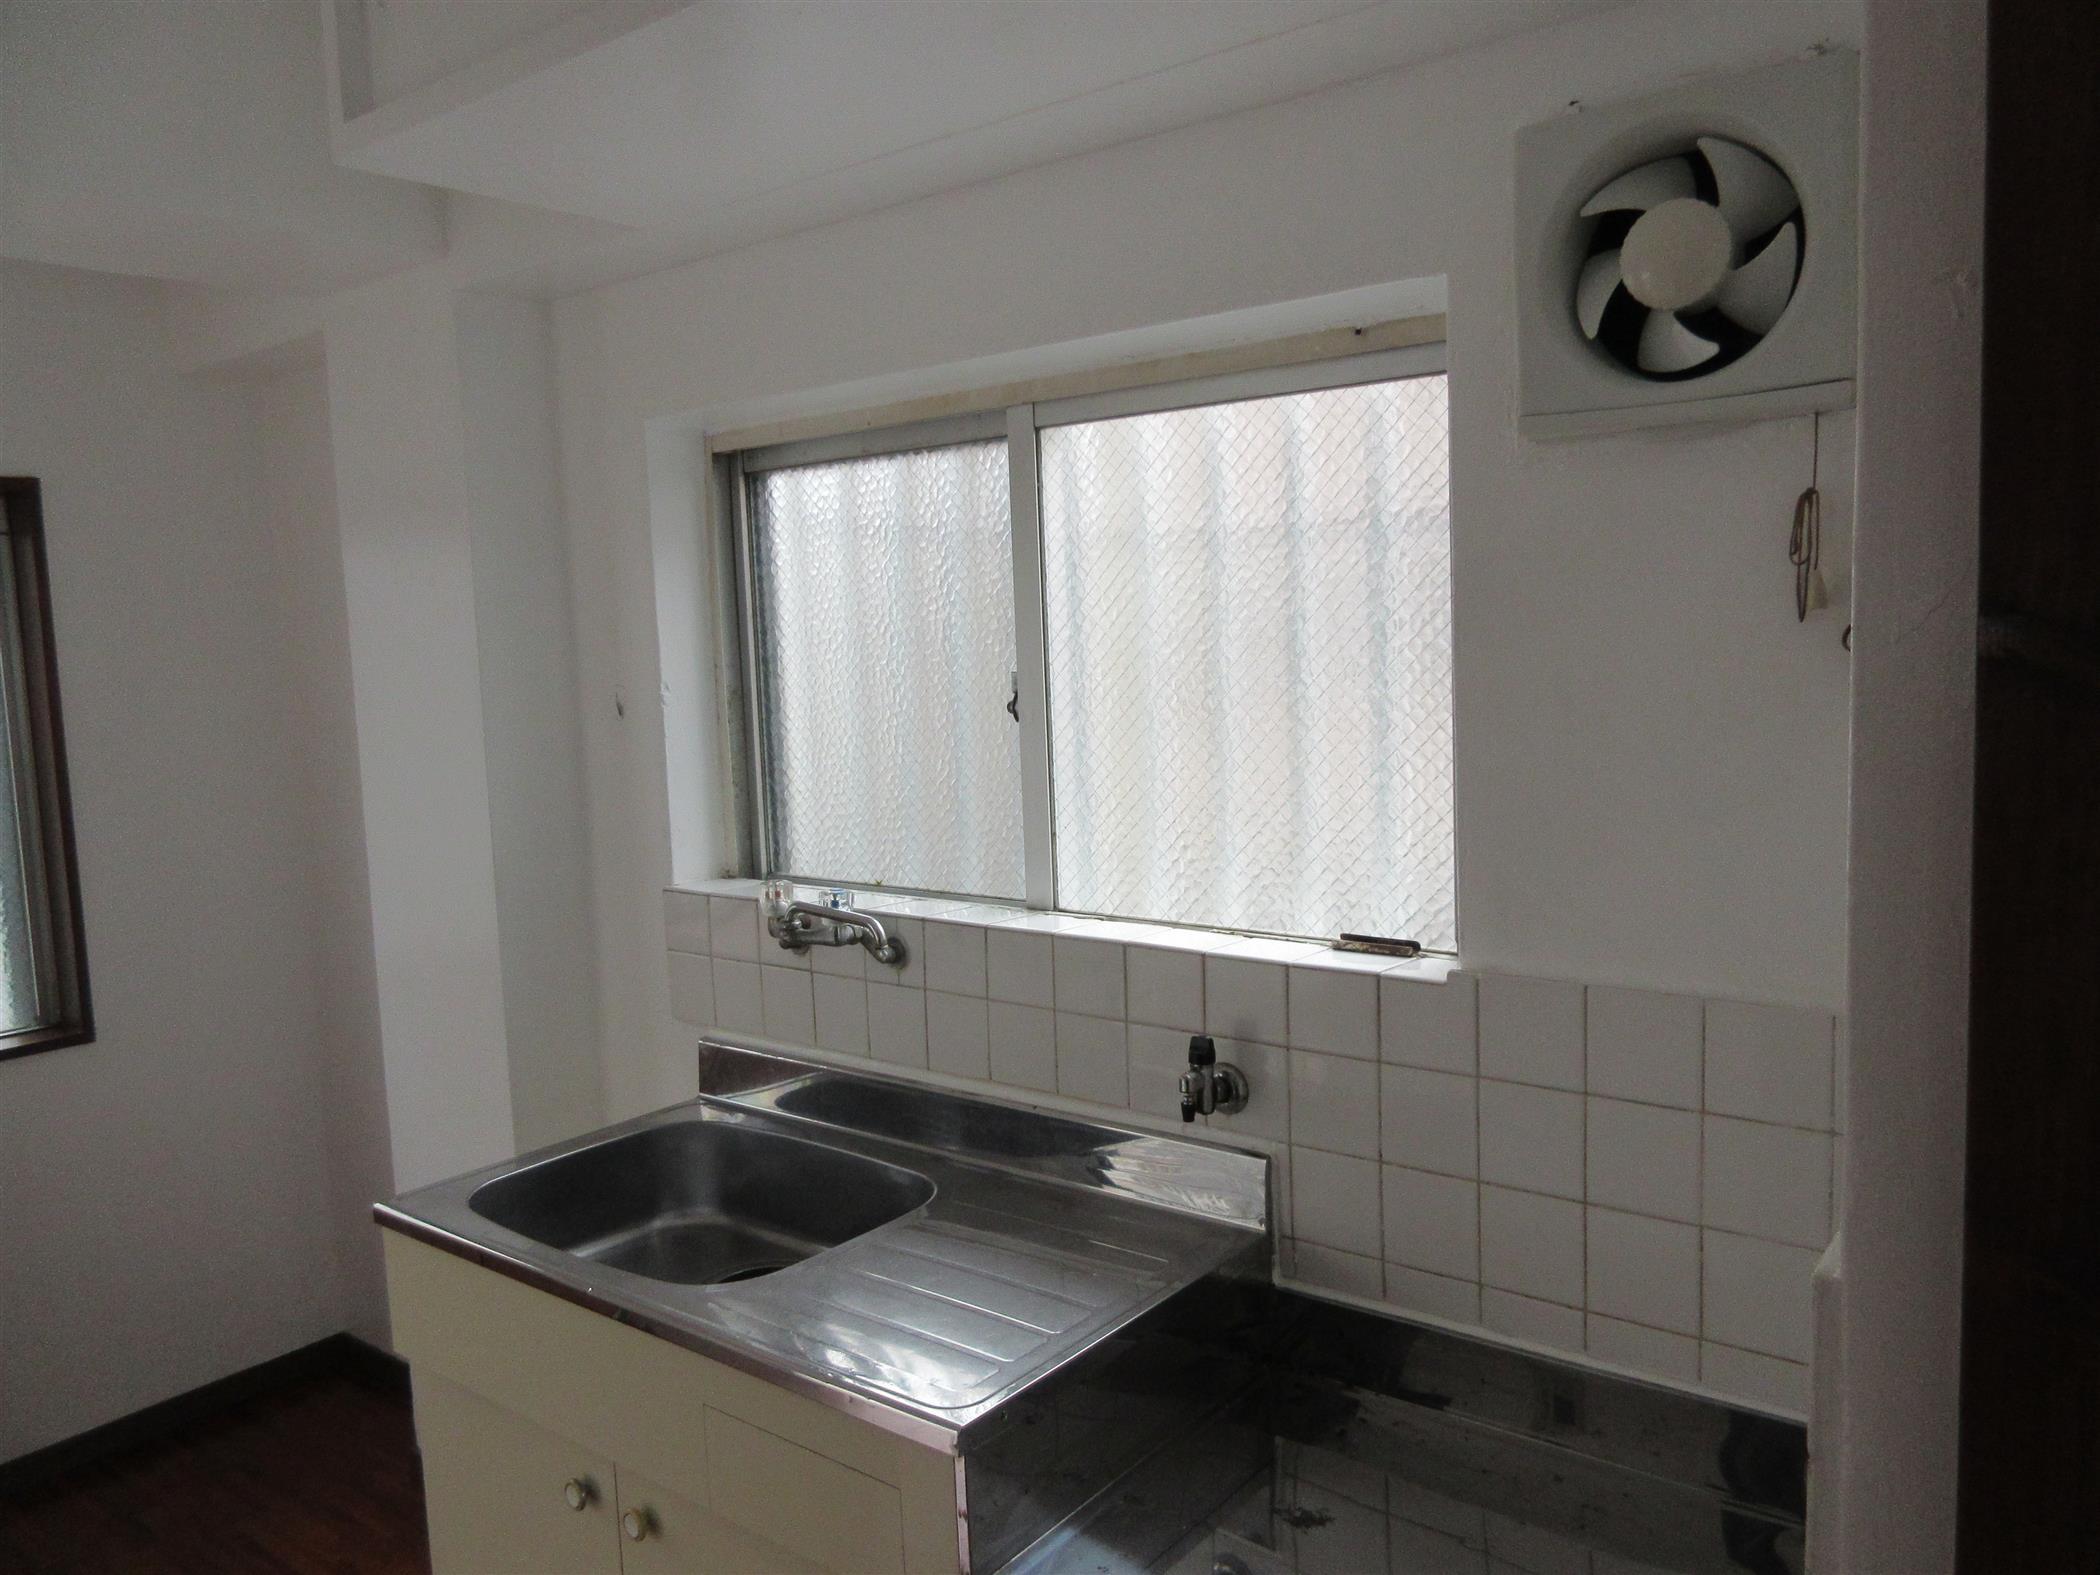 泊アパート改装工事(リフォーム施工事例)を公開しました。 | 沖縄や那覇でリフォームするなら【株式会社 あうん工房】